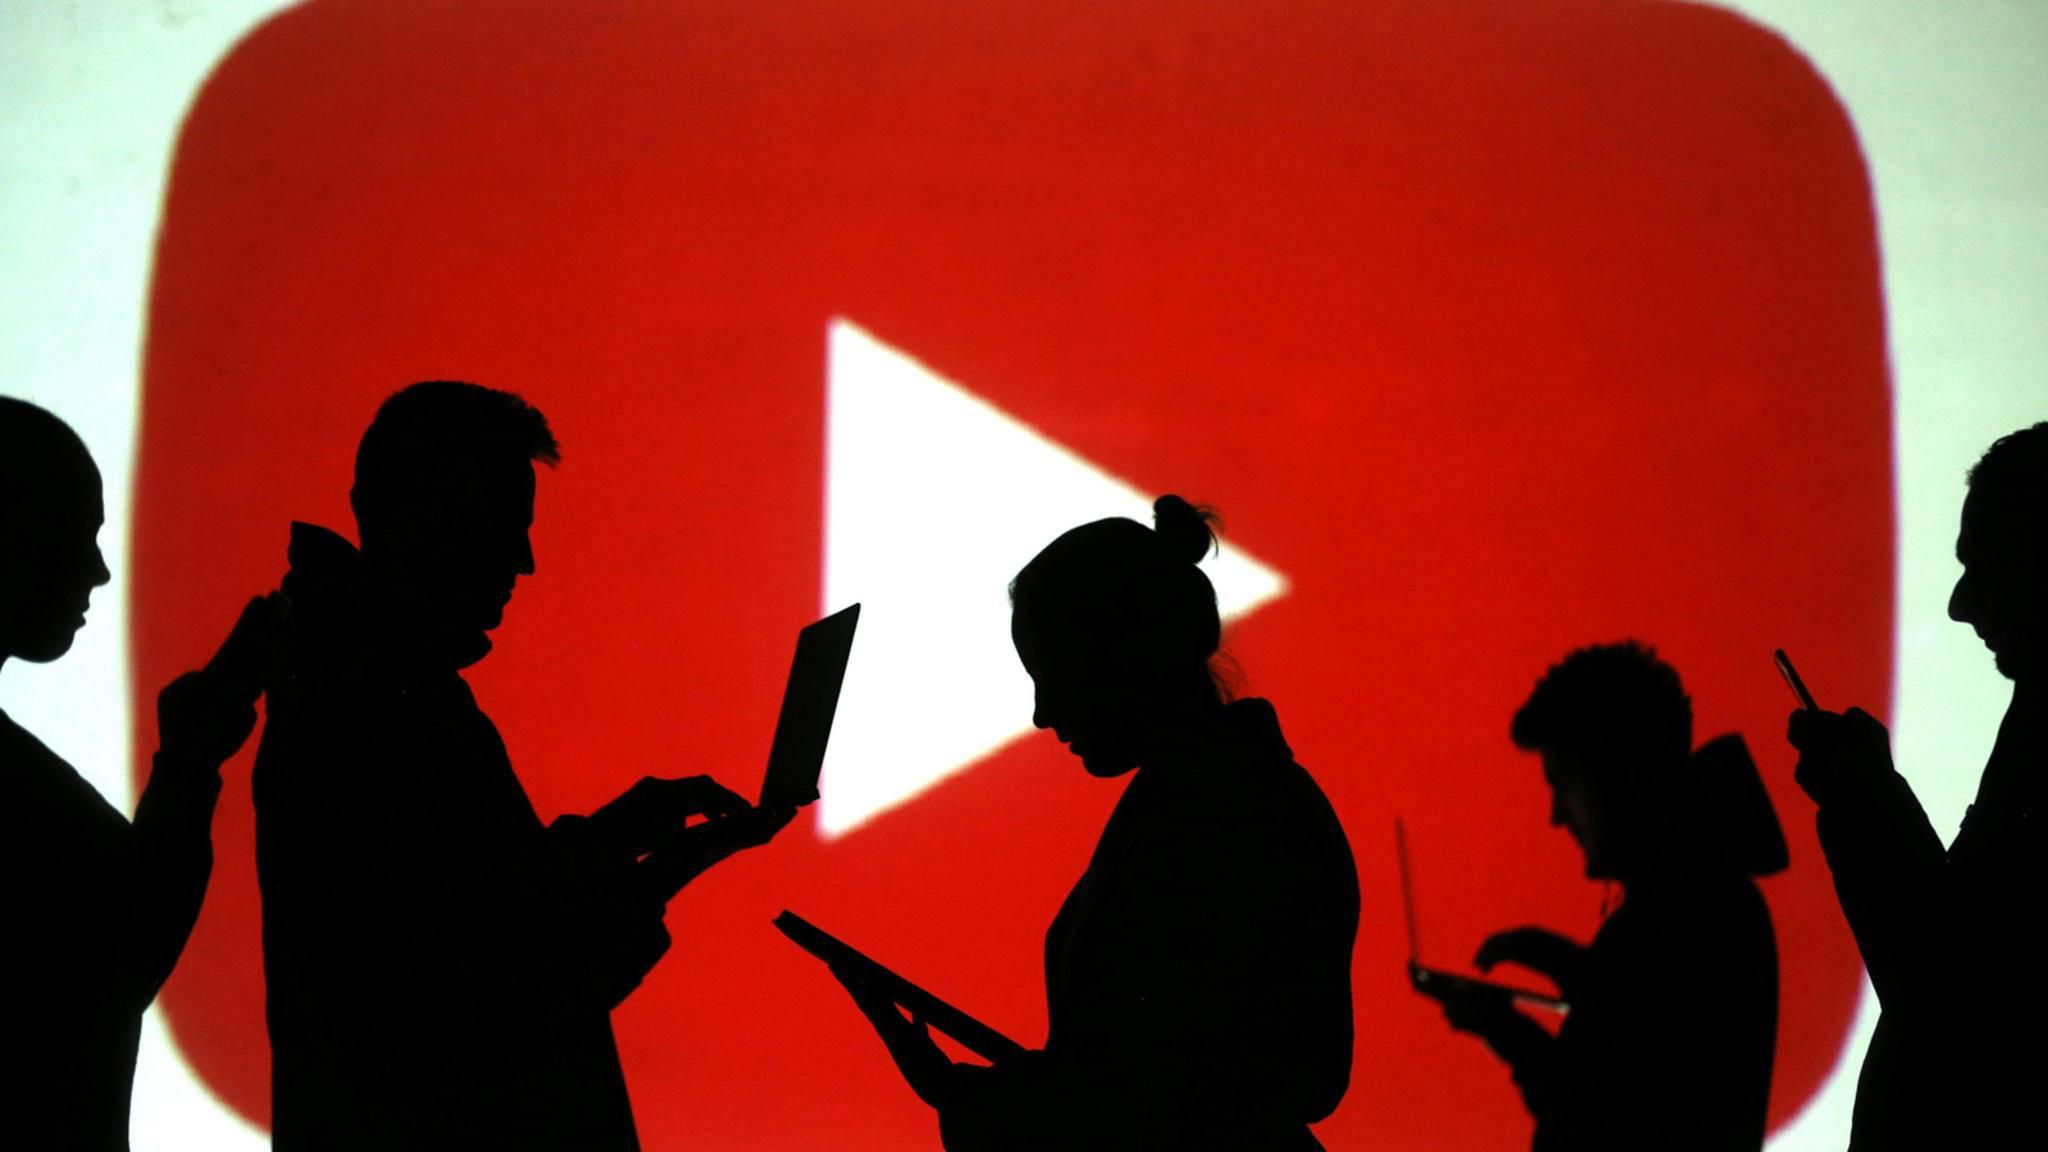 YouTube setzt 2019 offenbar auf Masse und will 50 neue Serien und Filme für Premium-Kunden veröffentlichen.